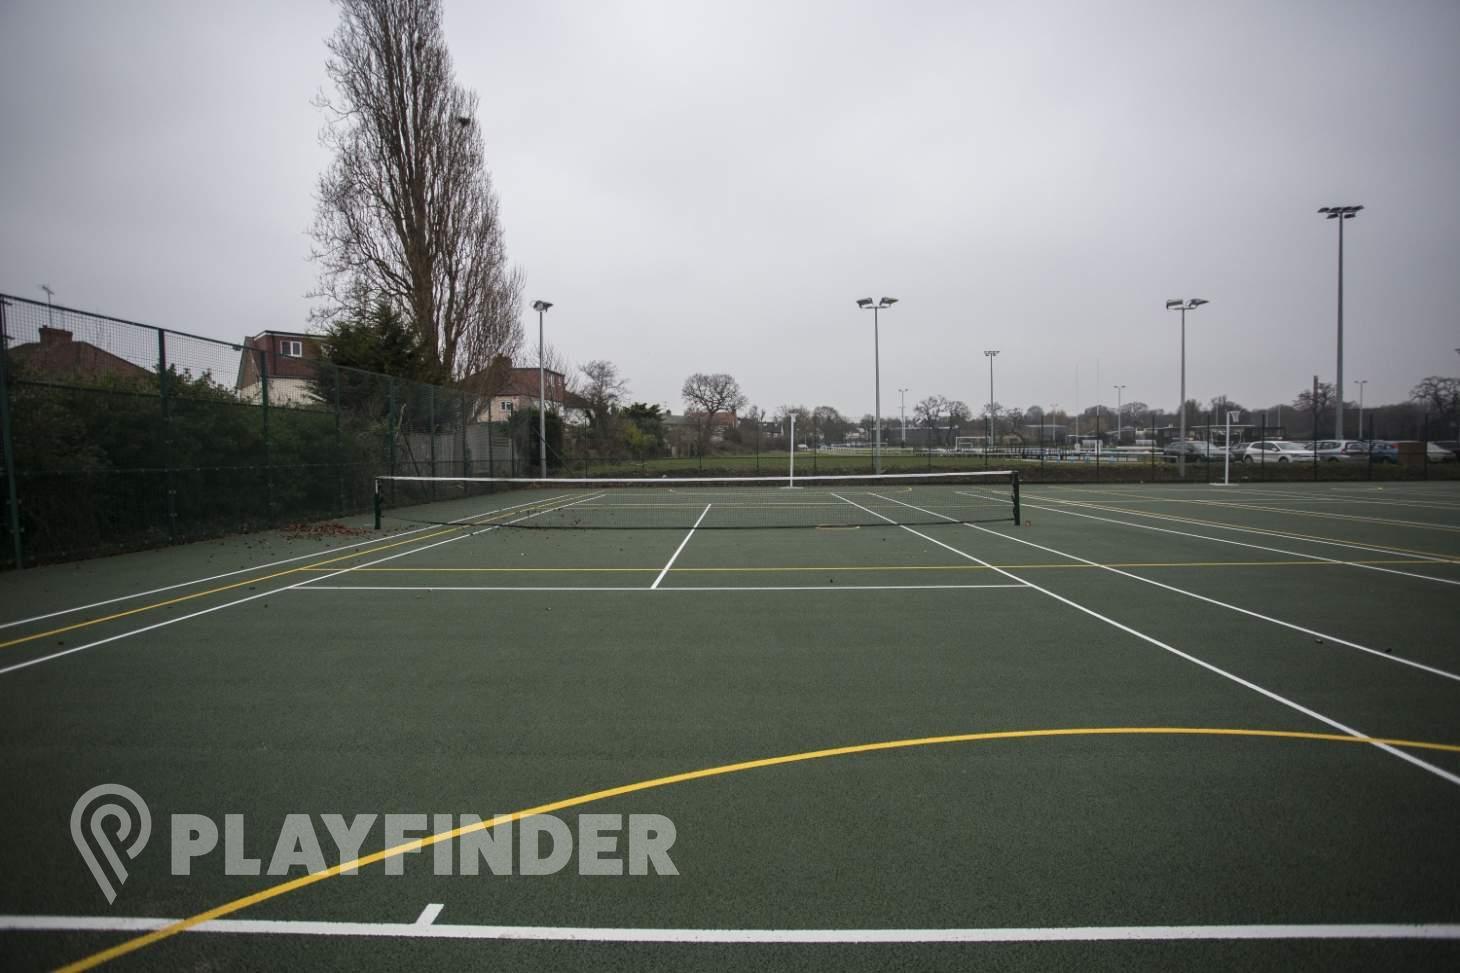 Trailfinders Sports Club Outdoor | Hard (macadam) tennis court